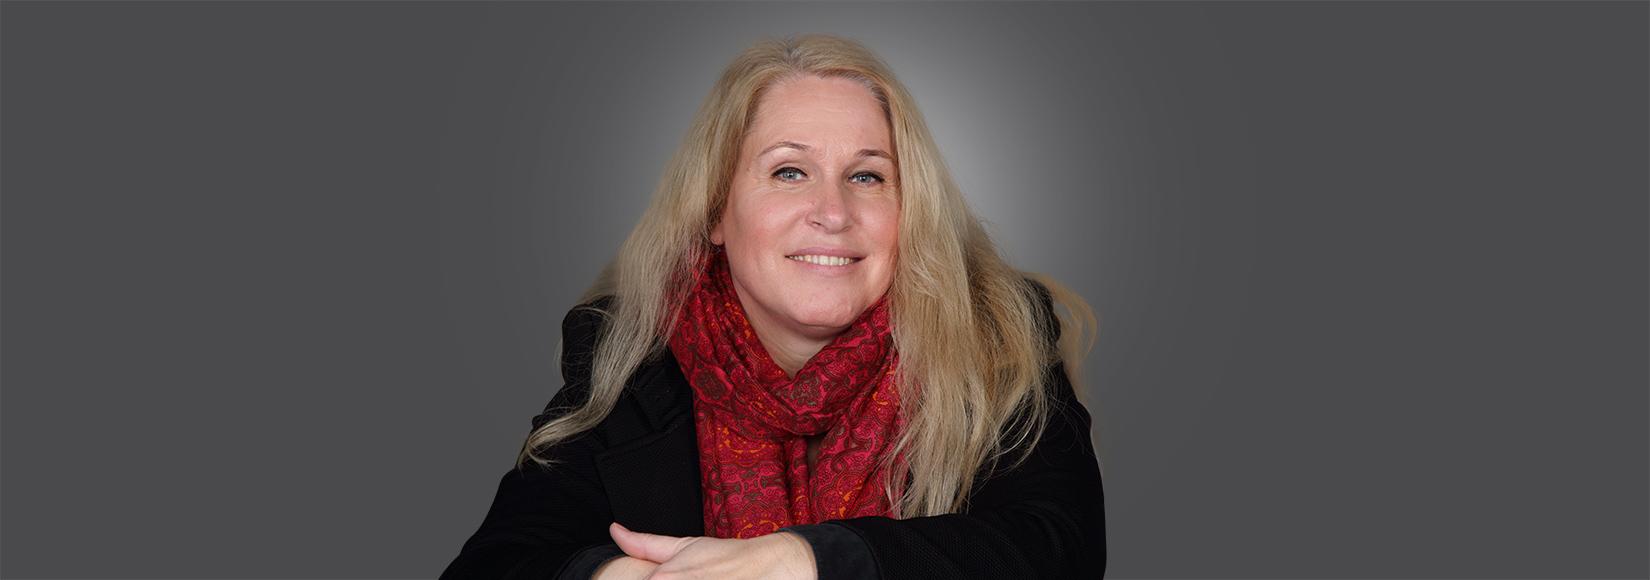 Ergänzungspflegschaften Wiehl Sonnen-Familienhilfe Tatjana Hühn